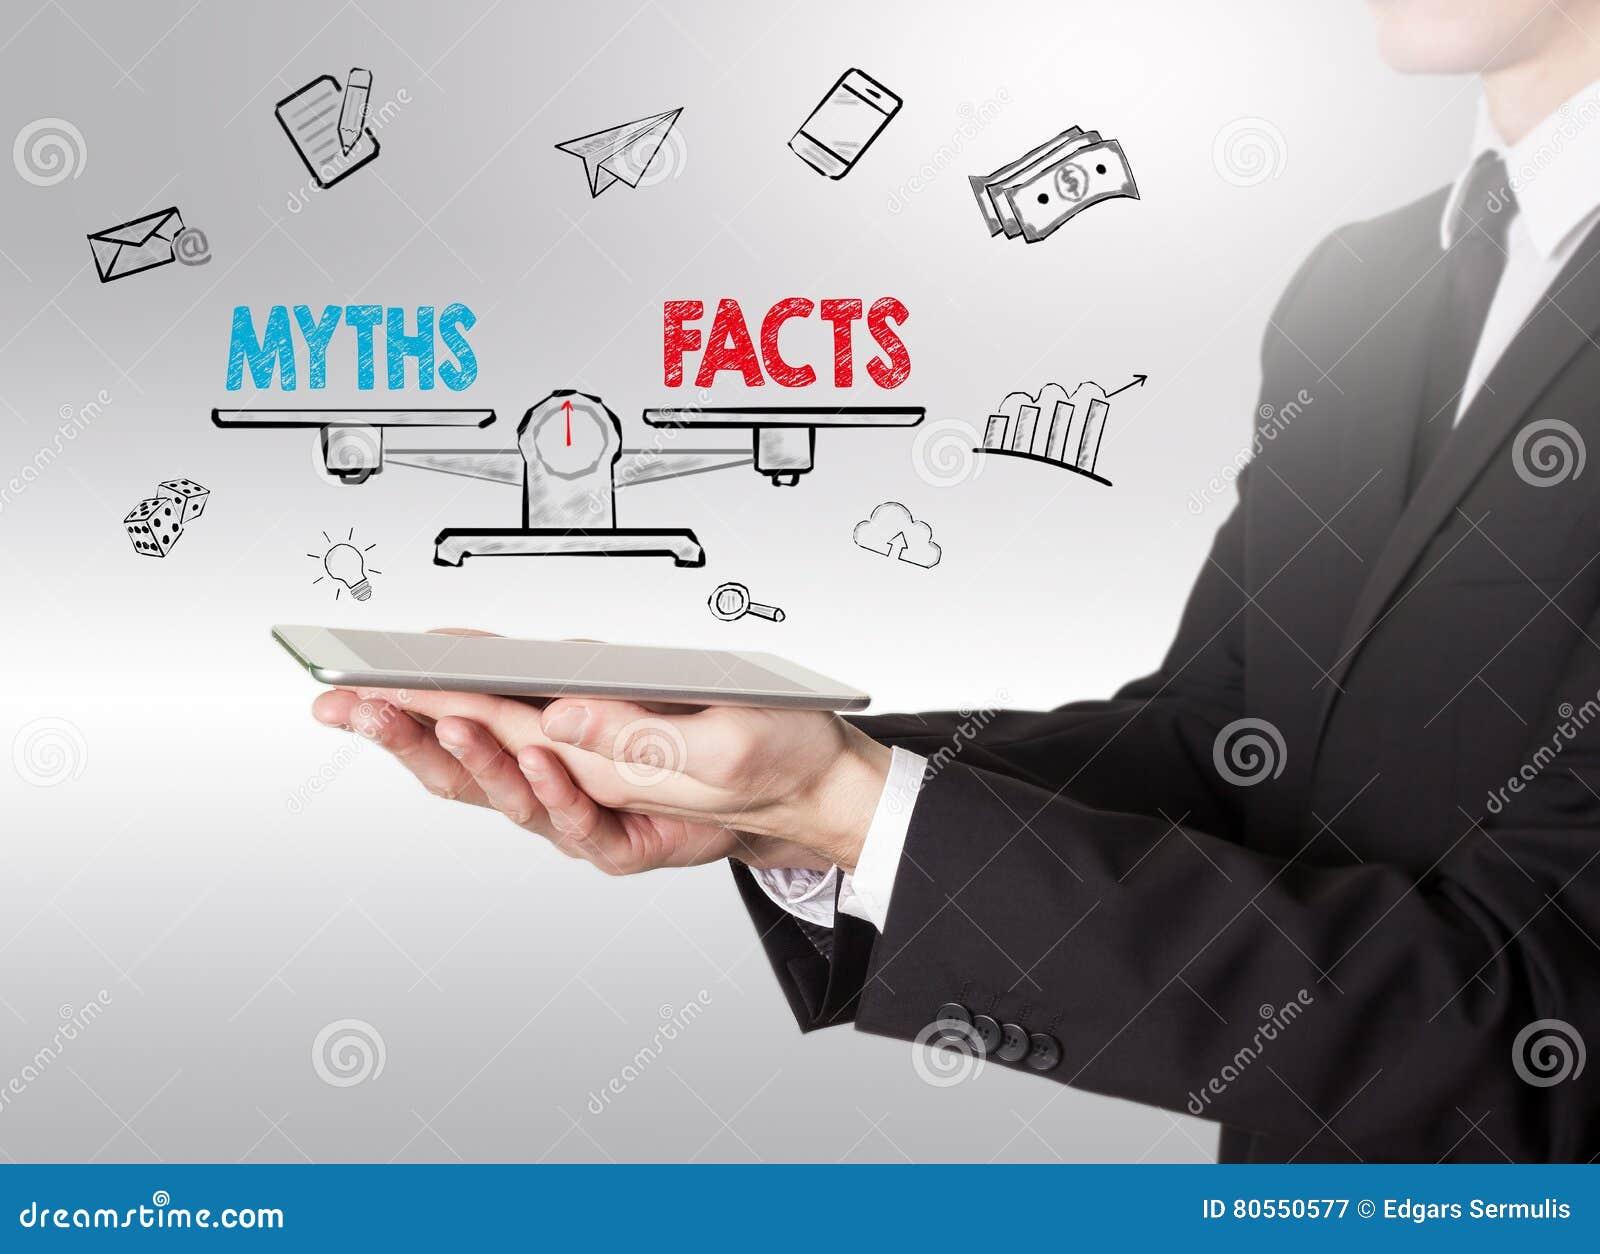 Мифы против фактов балансируют, молодой человек держа планшет